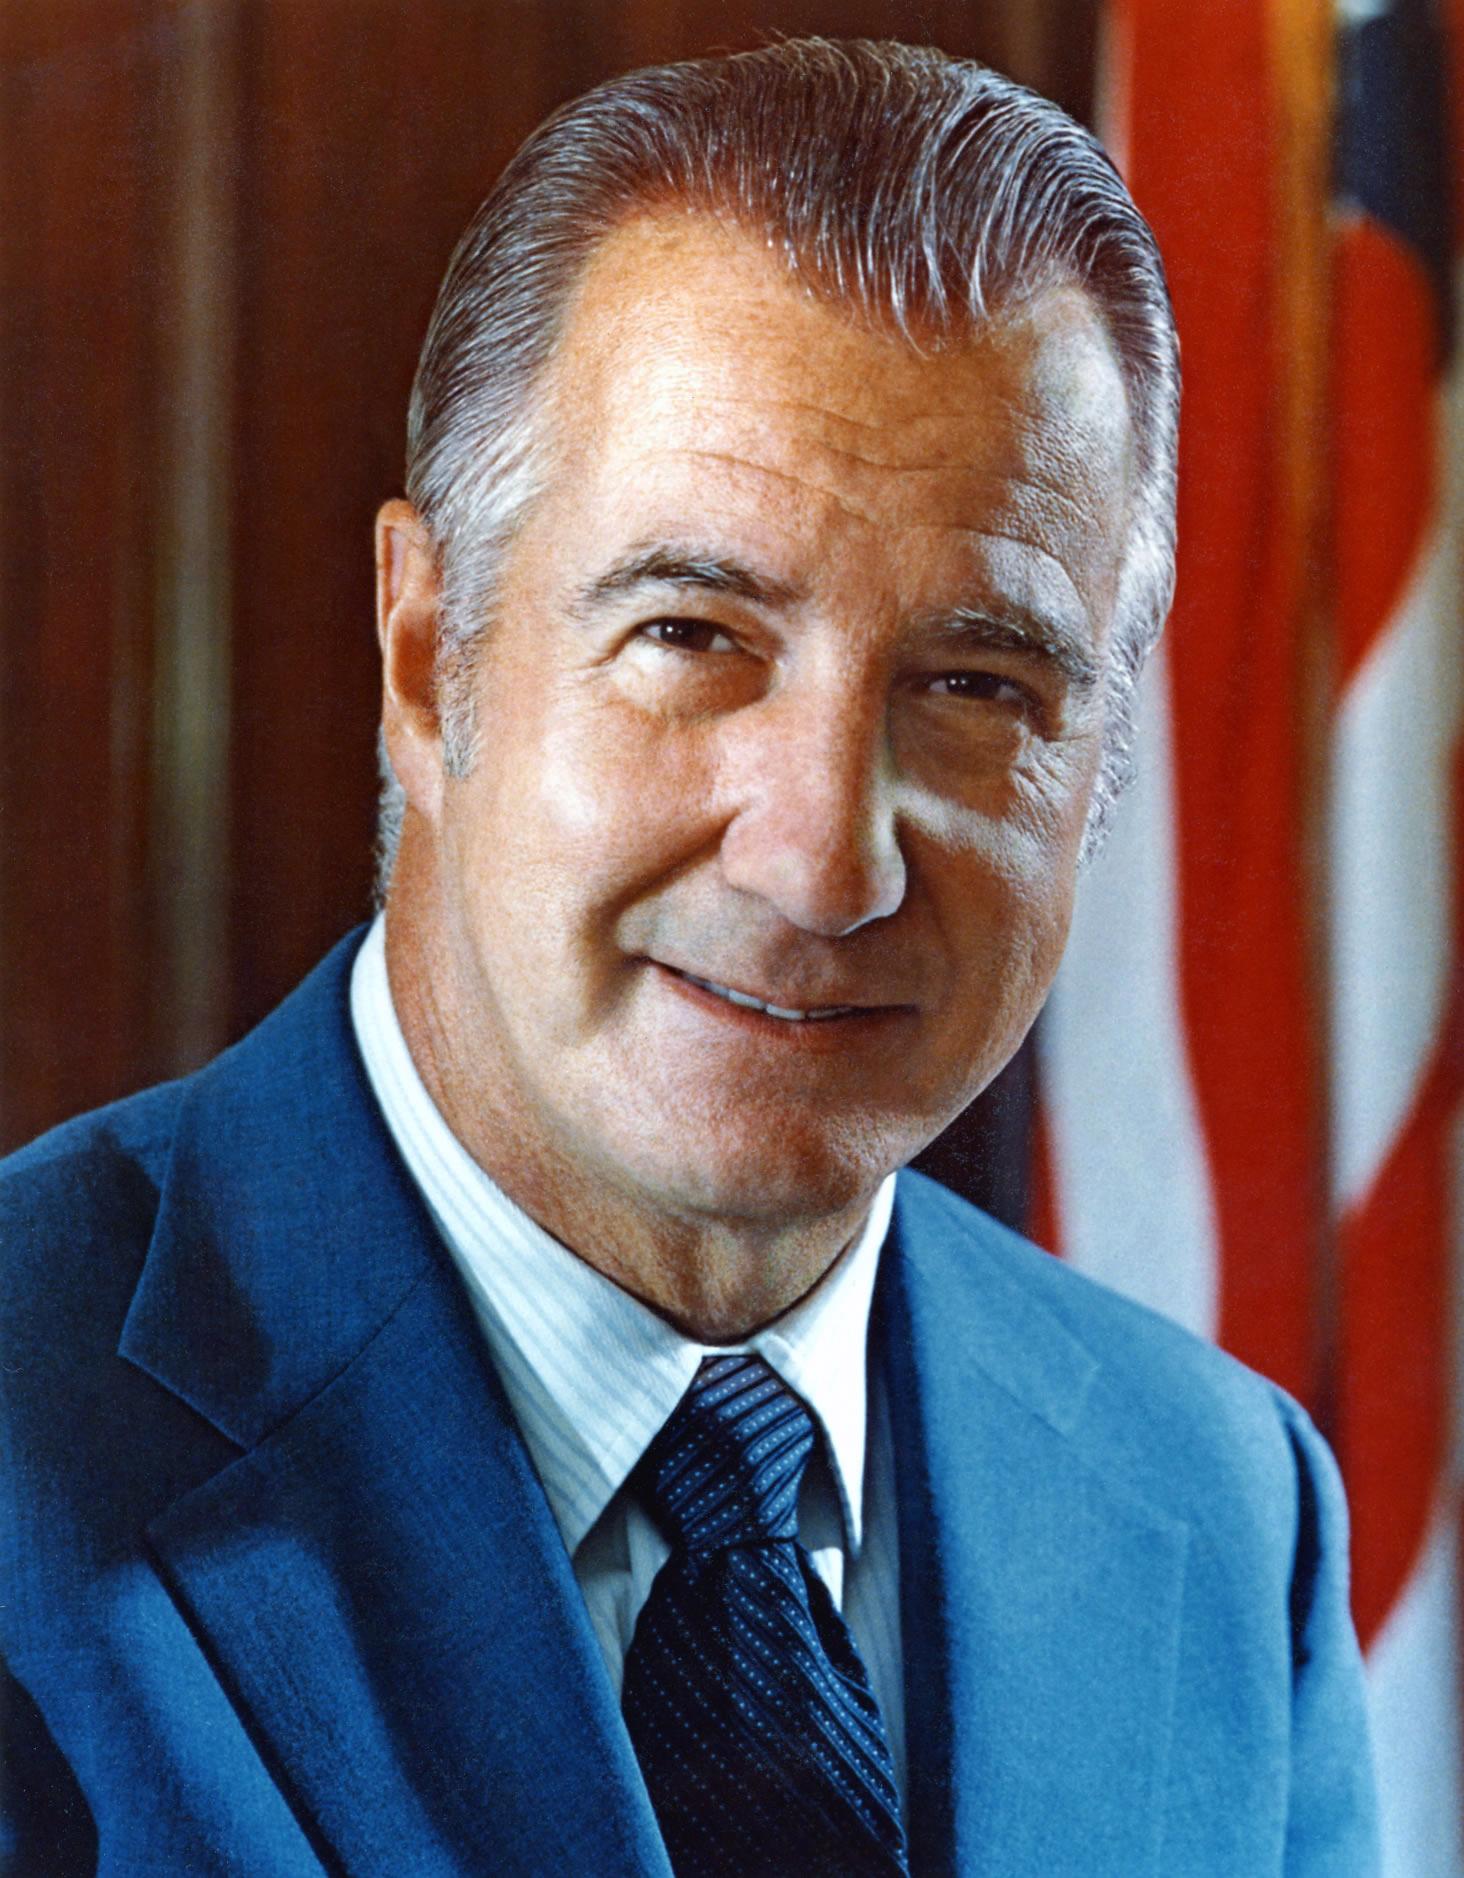 Spiro Agnew, ABD Başkan Yardımcısı(DY-1918) tarihte bugün